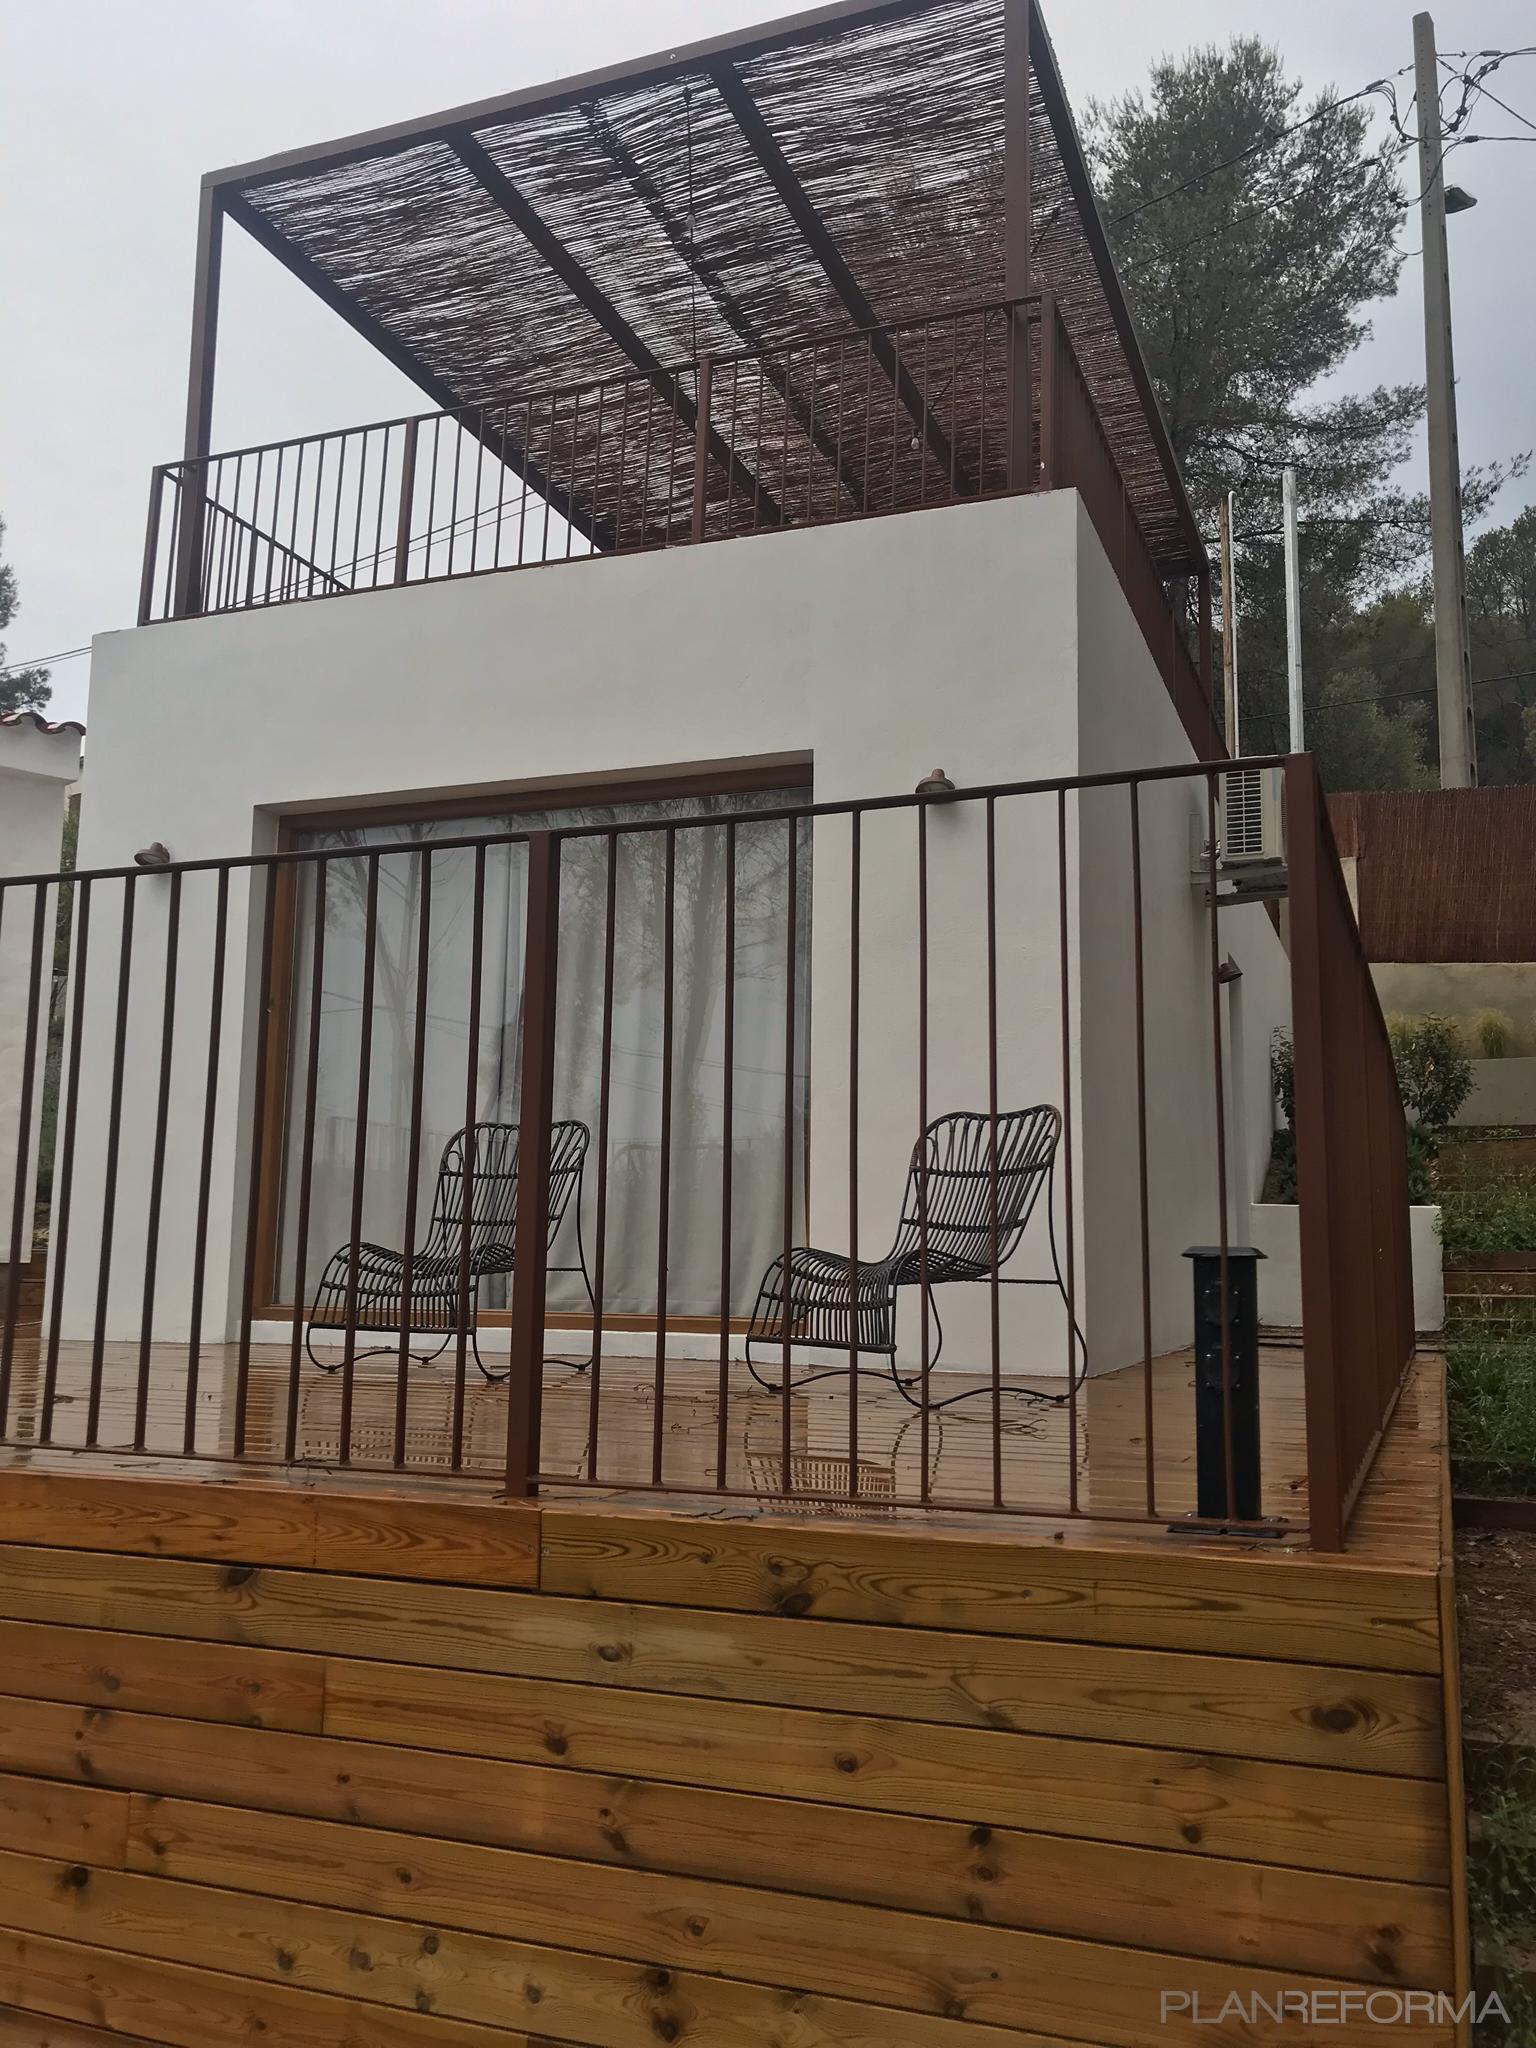 Estudio, Terraza, Loft Estilo mediterraneo Color marron, blanco  diseñado por Javier Perez Teruel | Gremio | Copyright Javier Perez Teruel